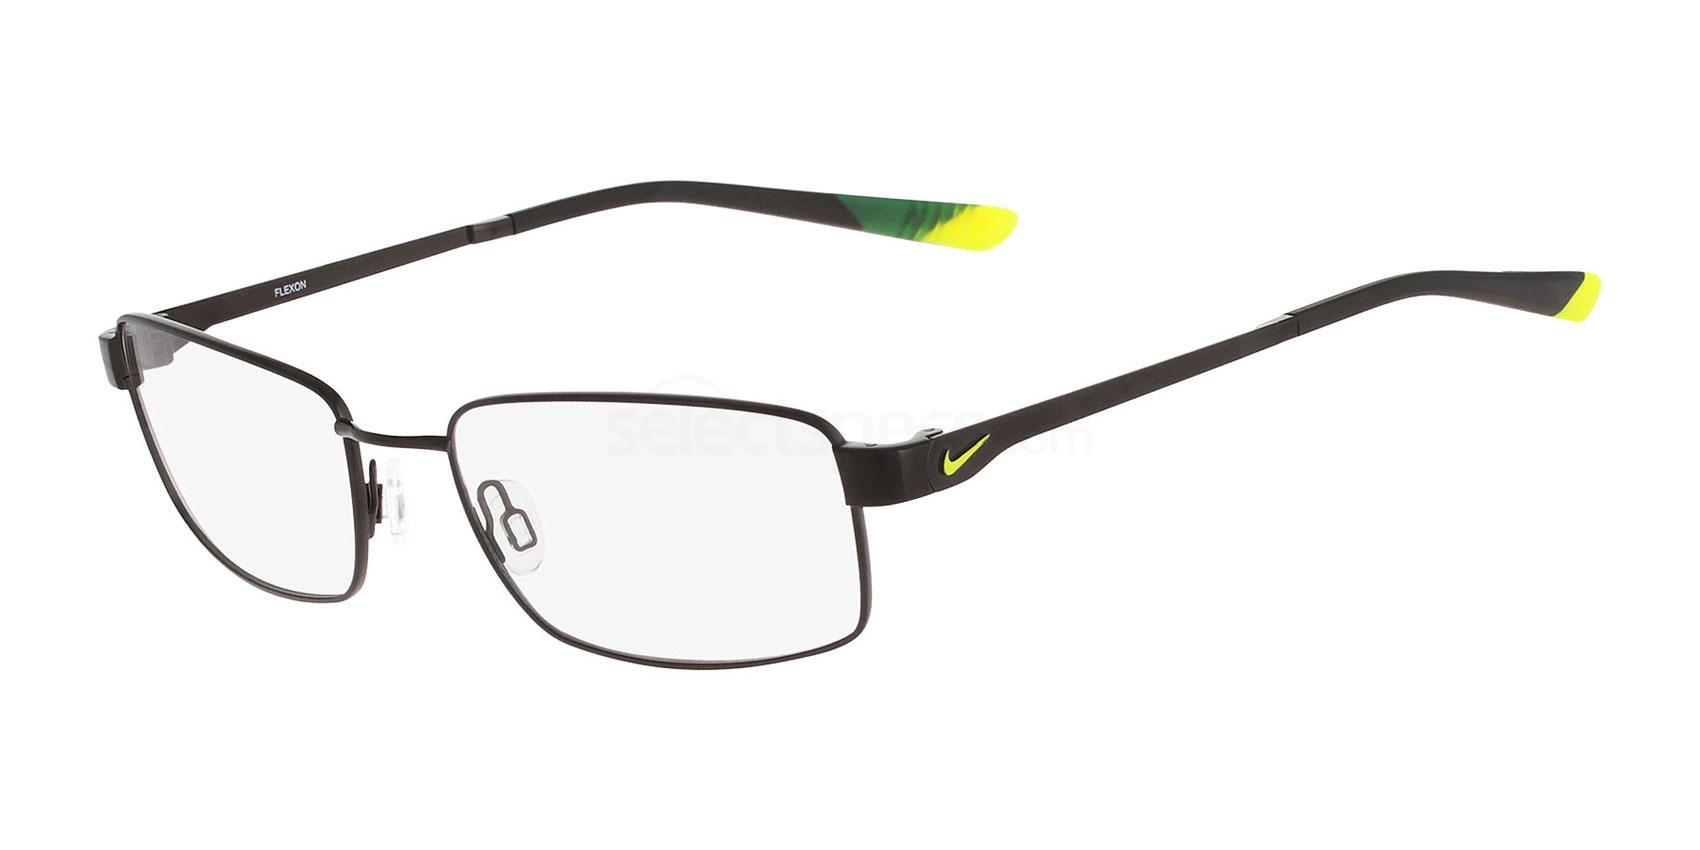 003 4272 Glasses, Nike